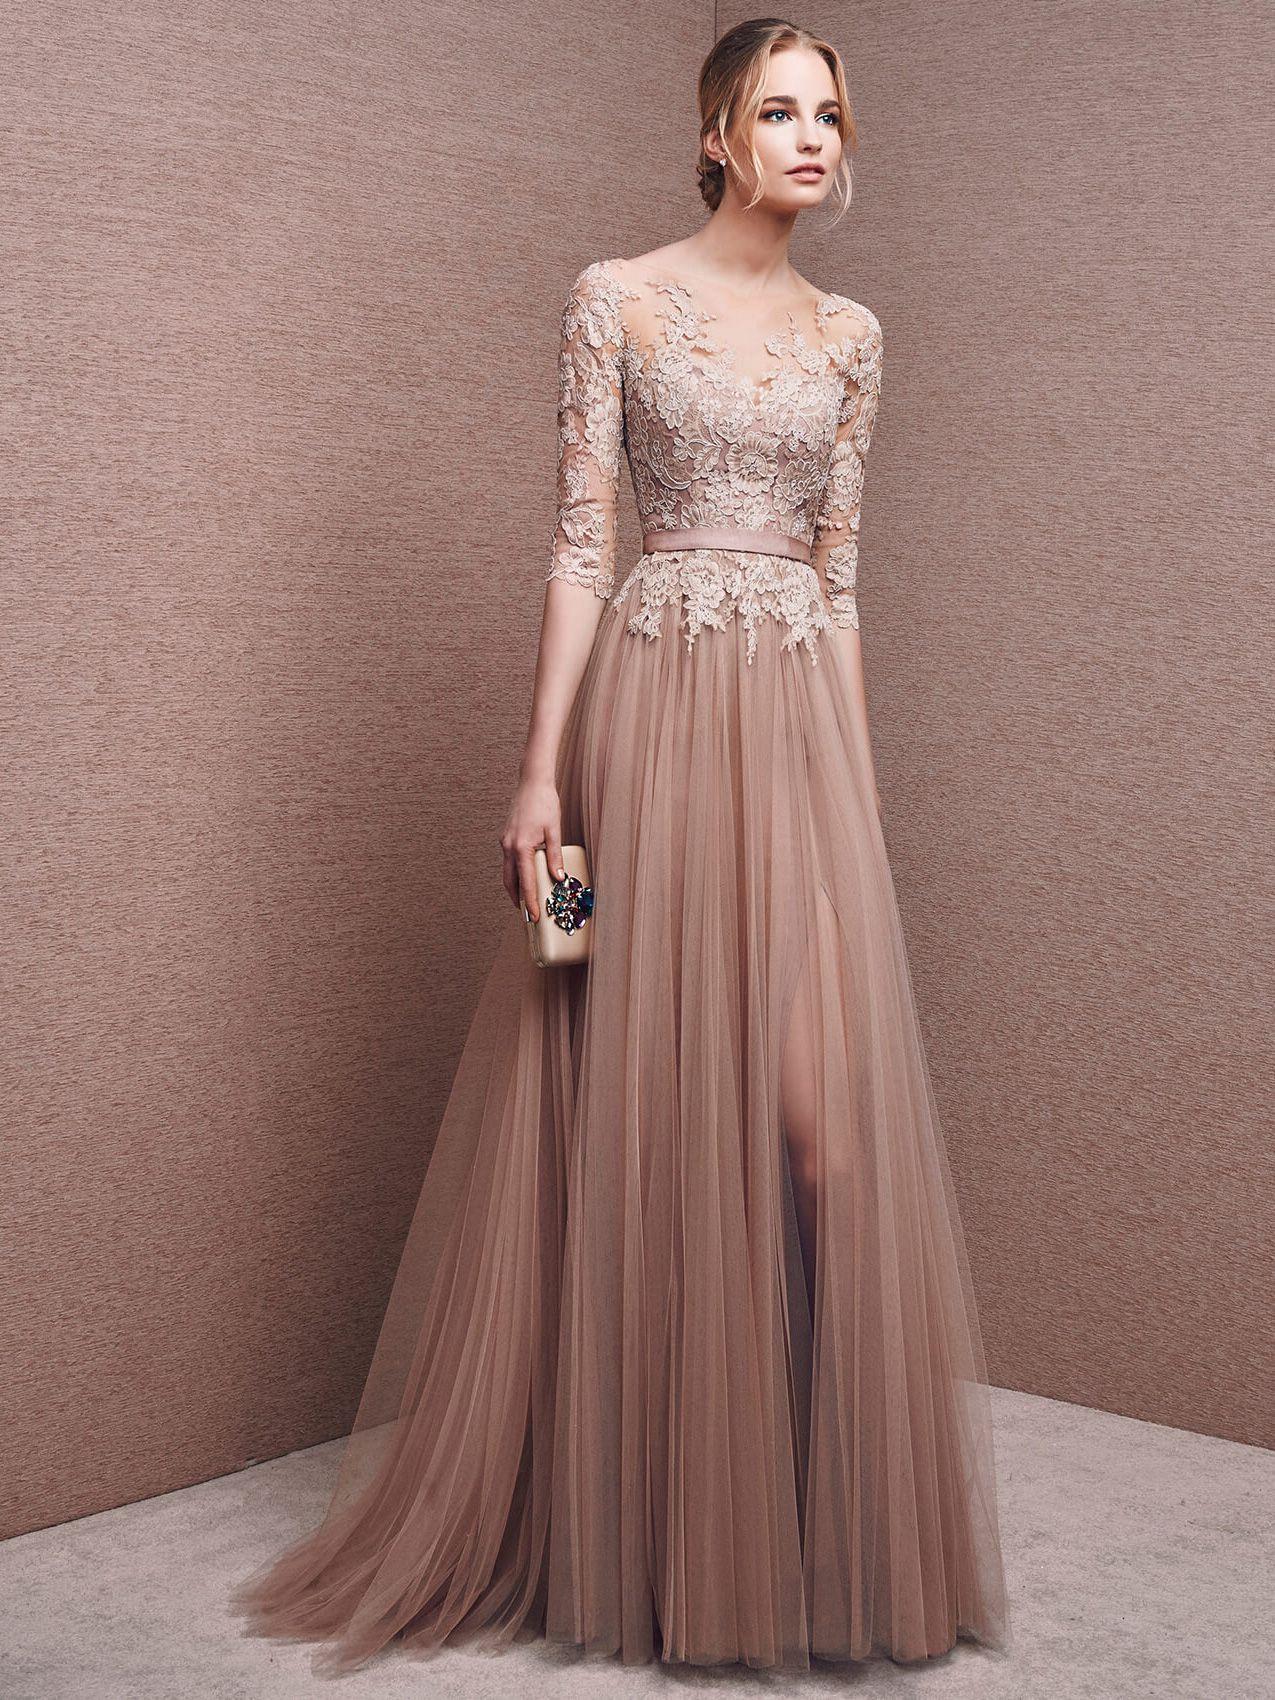 Элегантное вечернее платье темного кремового цвета обрисовывает силуэт  прямым кроем, выразительно воплощенным в шифоне, множеством вертикальных  складок ... 027b31bb03b